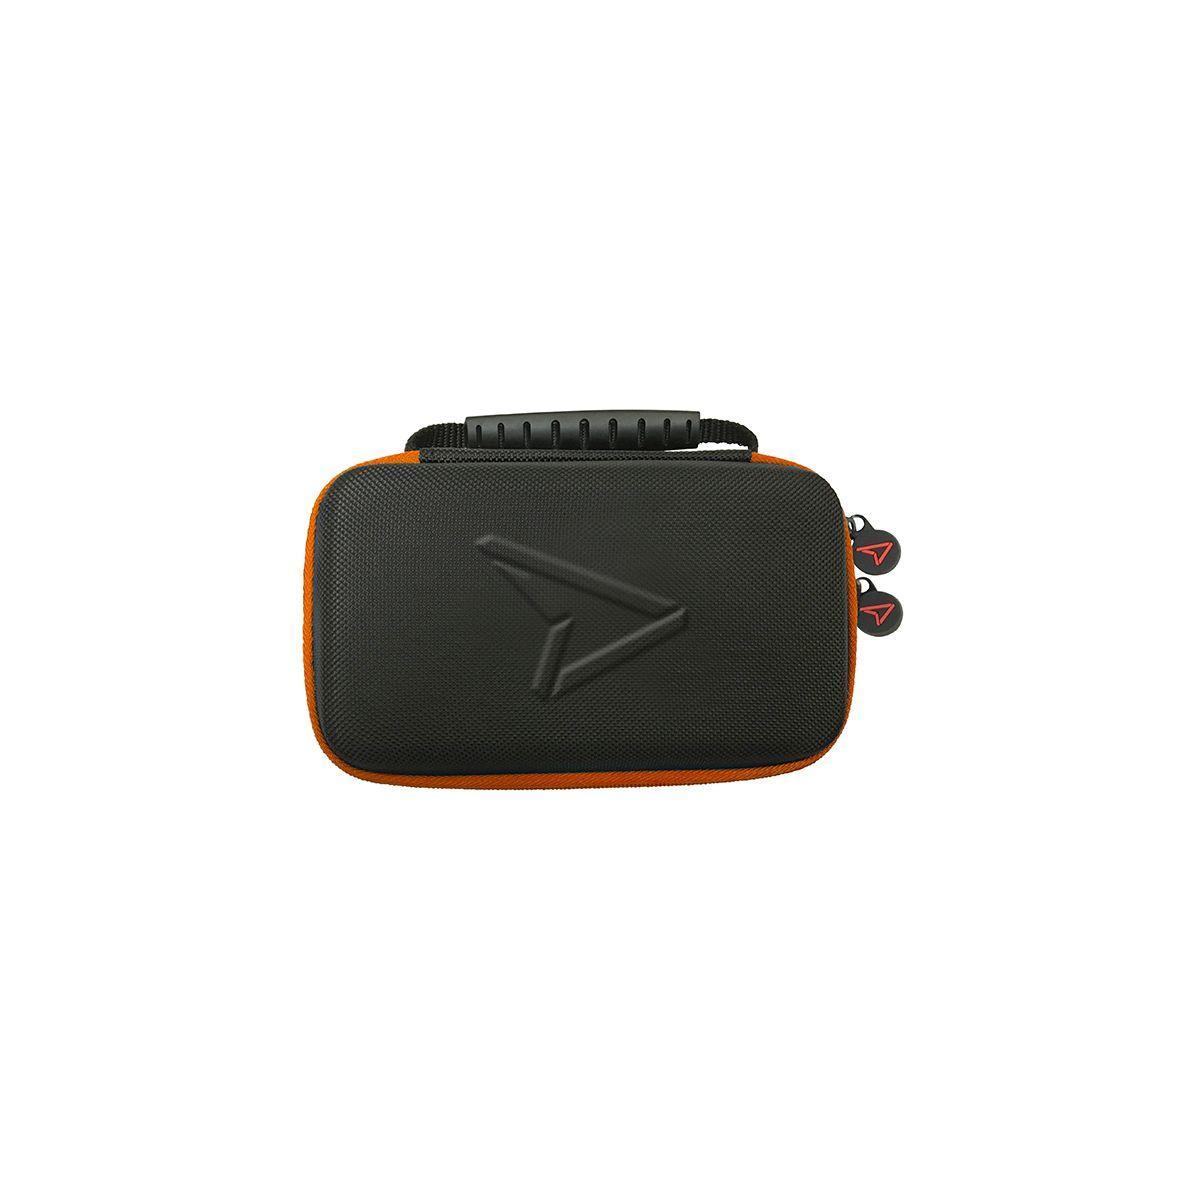 Housse de protection steelplay sacoche 2ds xl noire/orange - 2% de remise imm�diate avec le code : deal2 (photo)